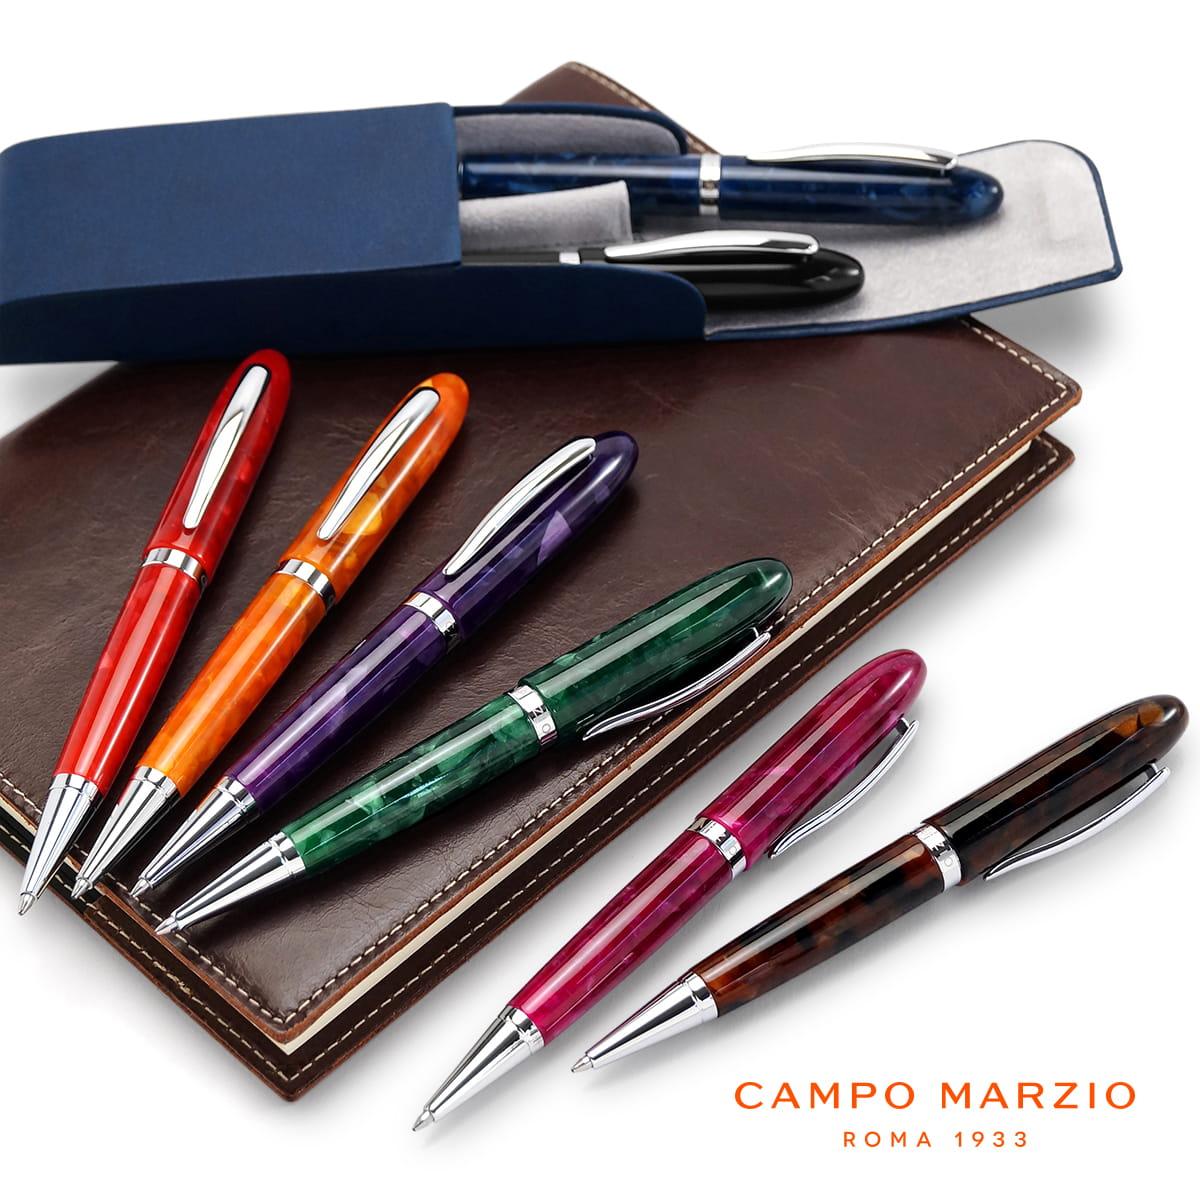 【イタリアブランド】 ボールペン 油性 セルロイド 高級 ブランド メンズ レディース カンポマルツィオ CAMPO MARZIO ACROPOLIS ボールペン ACR-BP